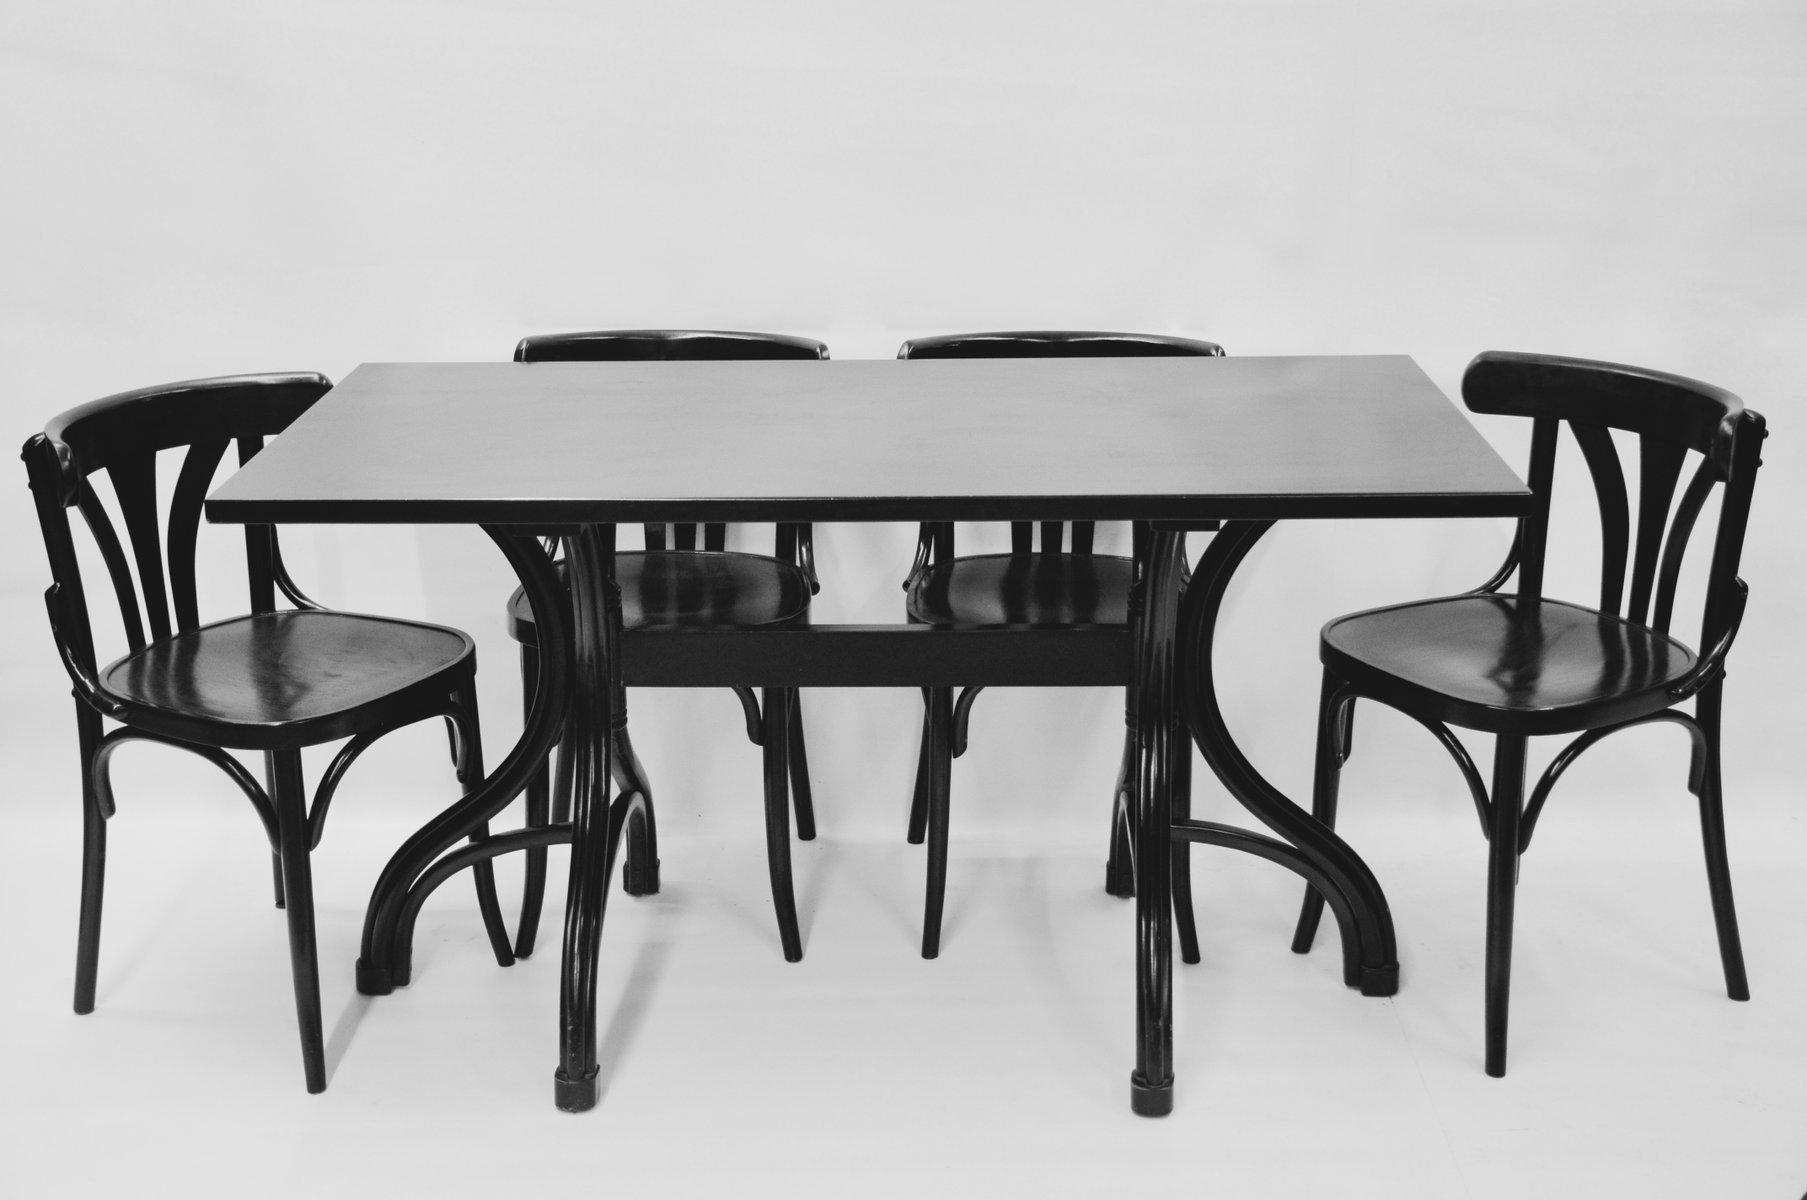 Tavolo in legno con 4 sedie di thonet anni 39 80 in vendita - Sedie per tavolo in legno ...